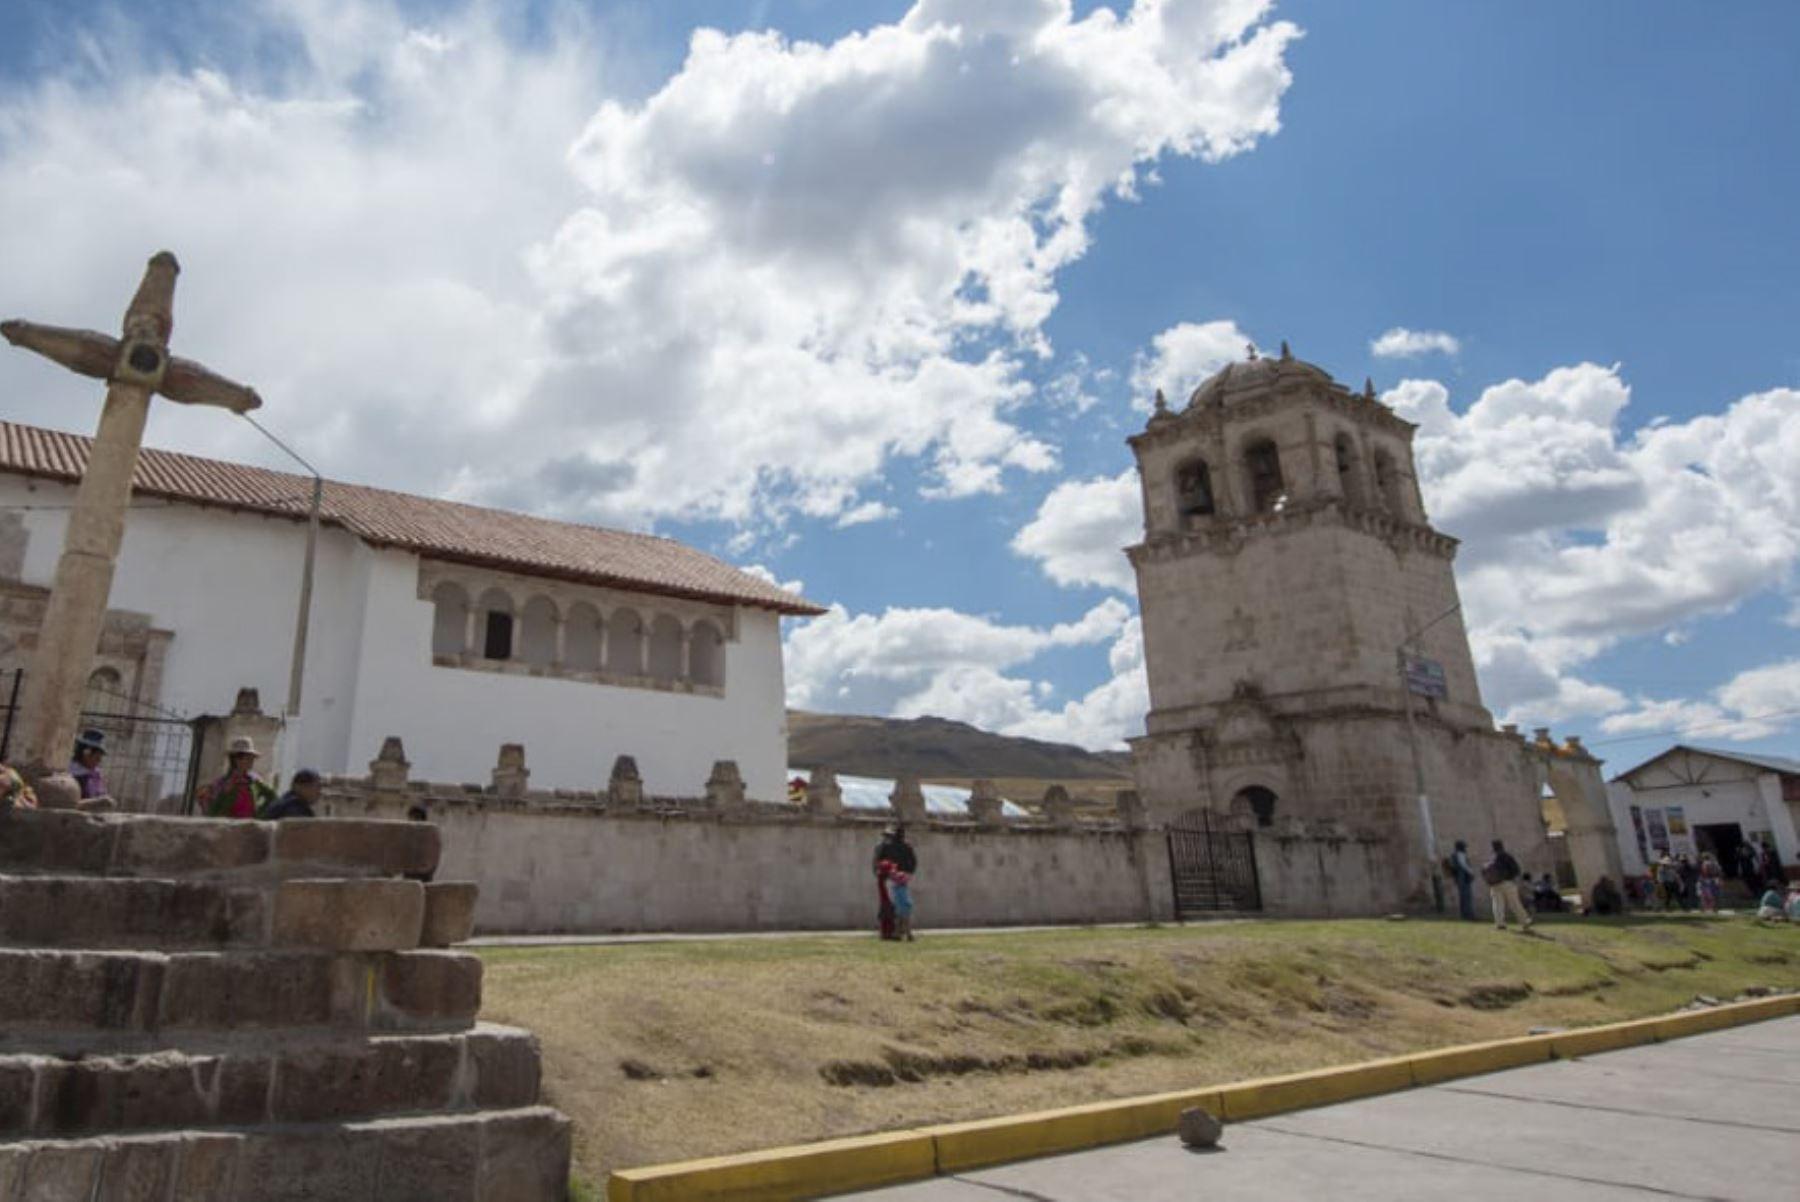 La Dirección Desconcentrada de Cultura de Cusco entregó a las autoridades locales y eclesiásticas de la provincia de Espinar la obra de restauración y puesta en valor del templo colonial San Juan Bautista ubicado en el distrito de Coporaque.